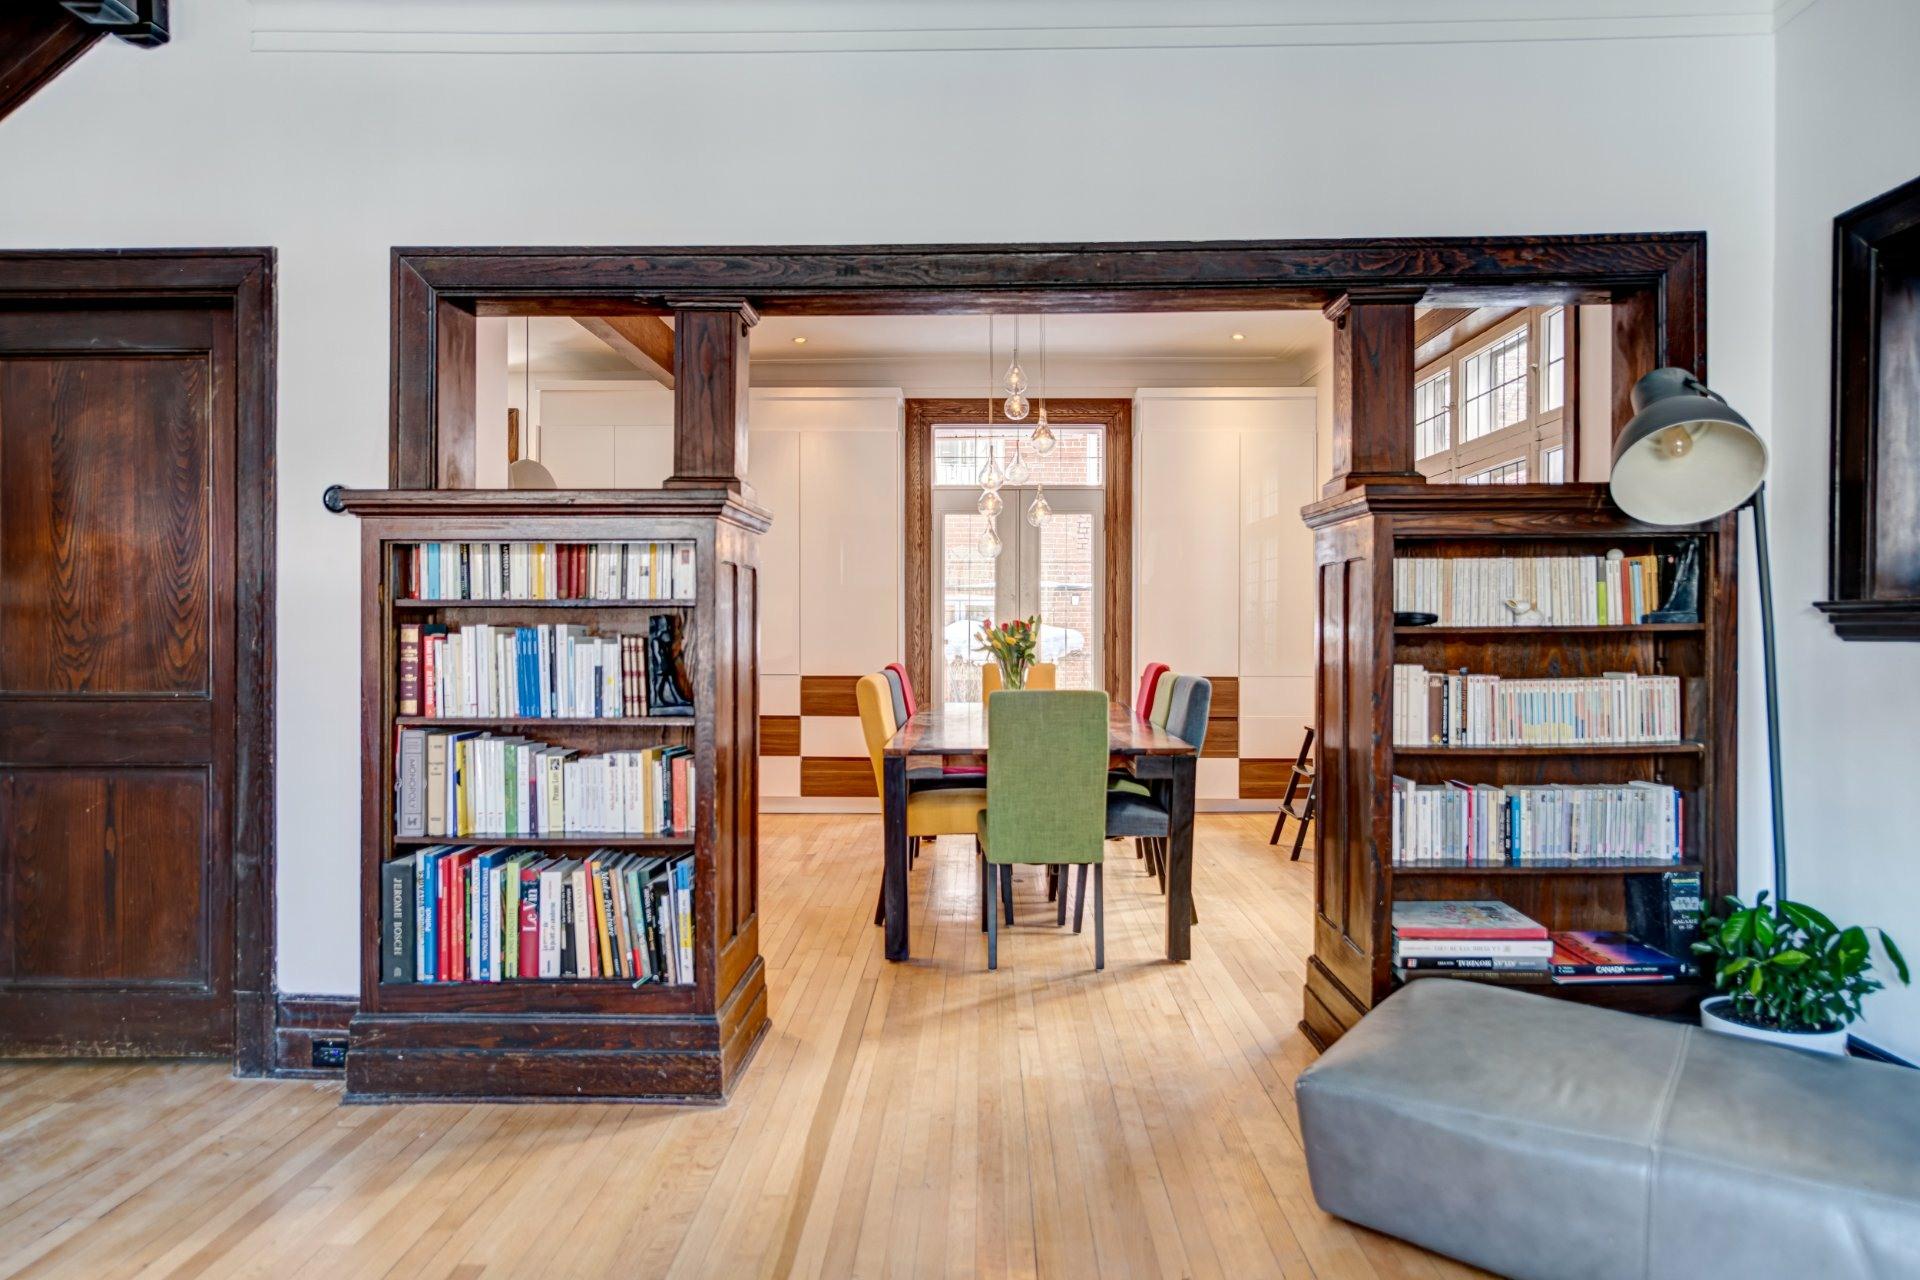 image 10 - House For sale Côte-des-Neiges/Notre-Dame-de-Grâce Montréal  - 10 rooms